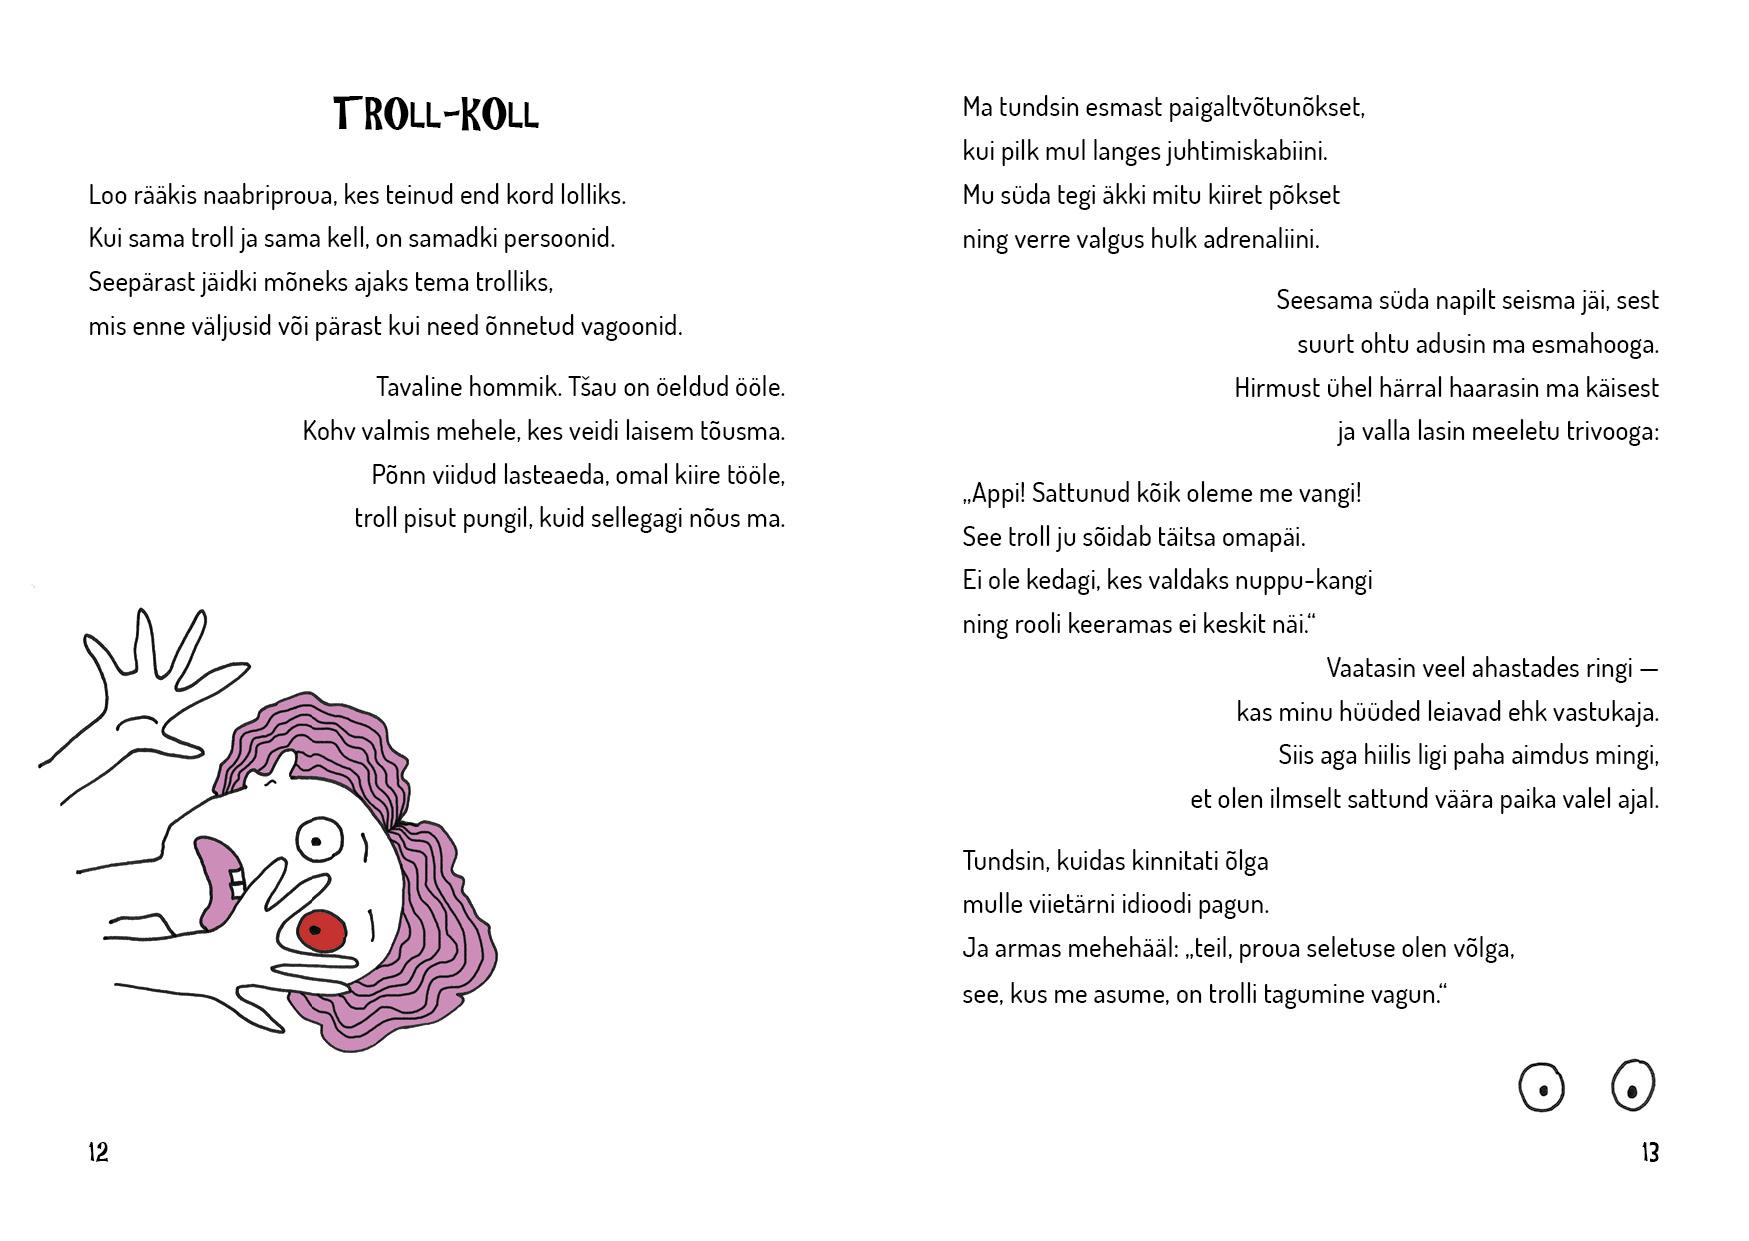 Troll-Koll. Madis Trepp 2017. Illustratsioonid ja kujundus Grafilius OÜ